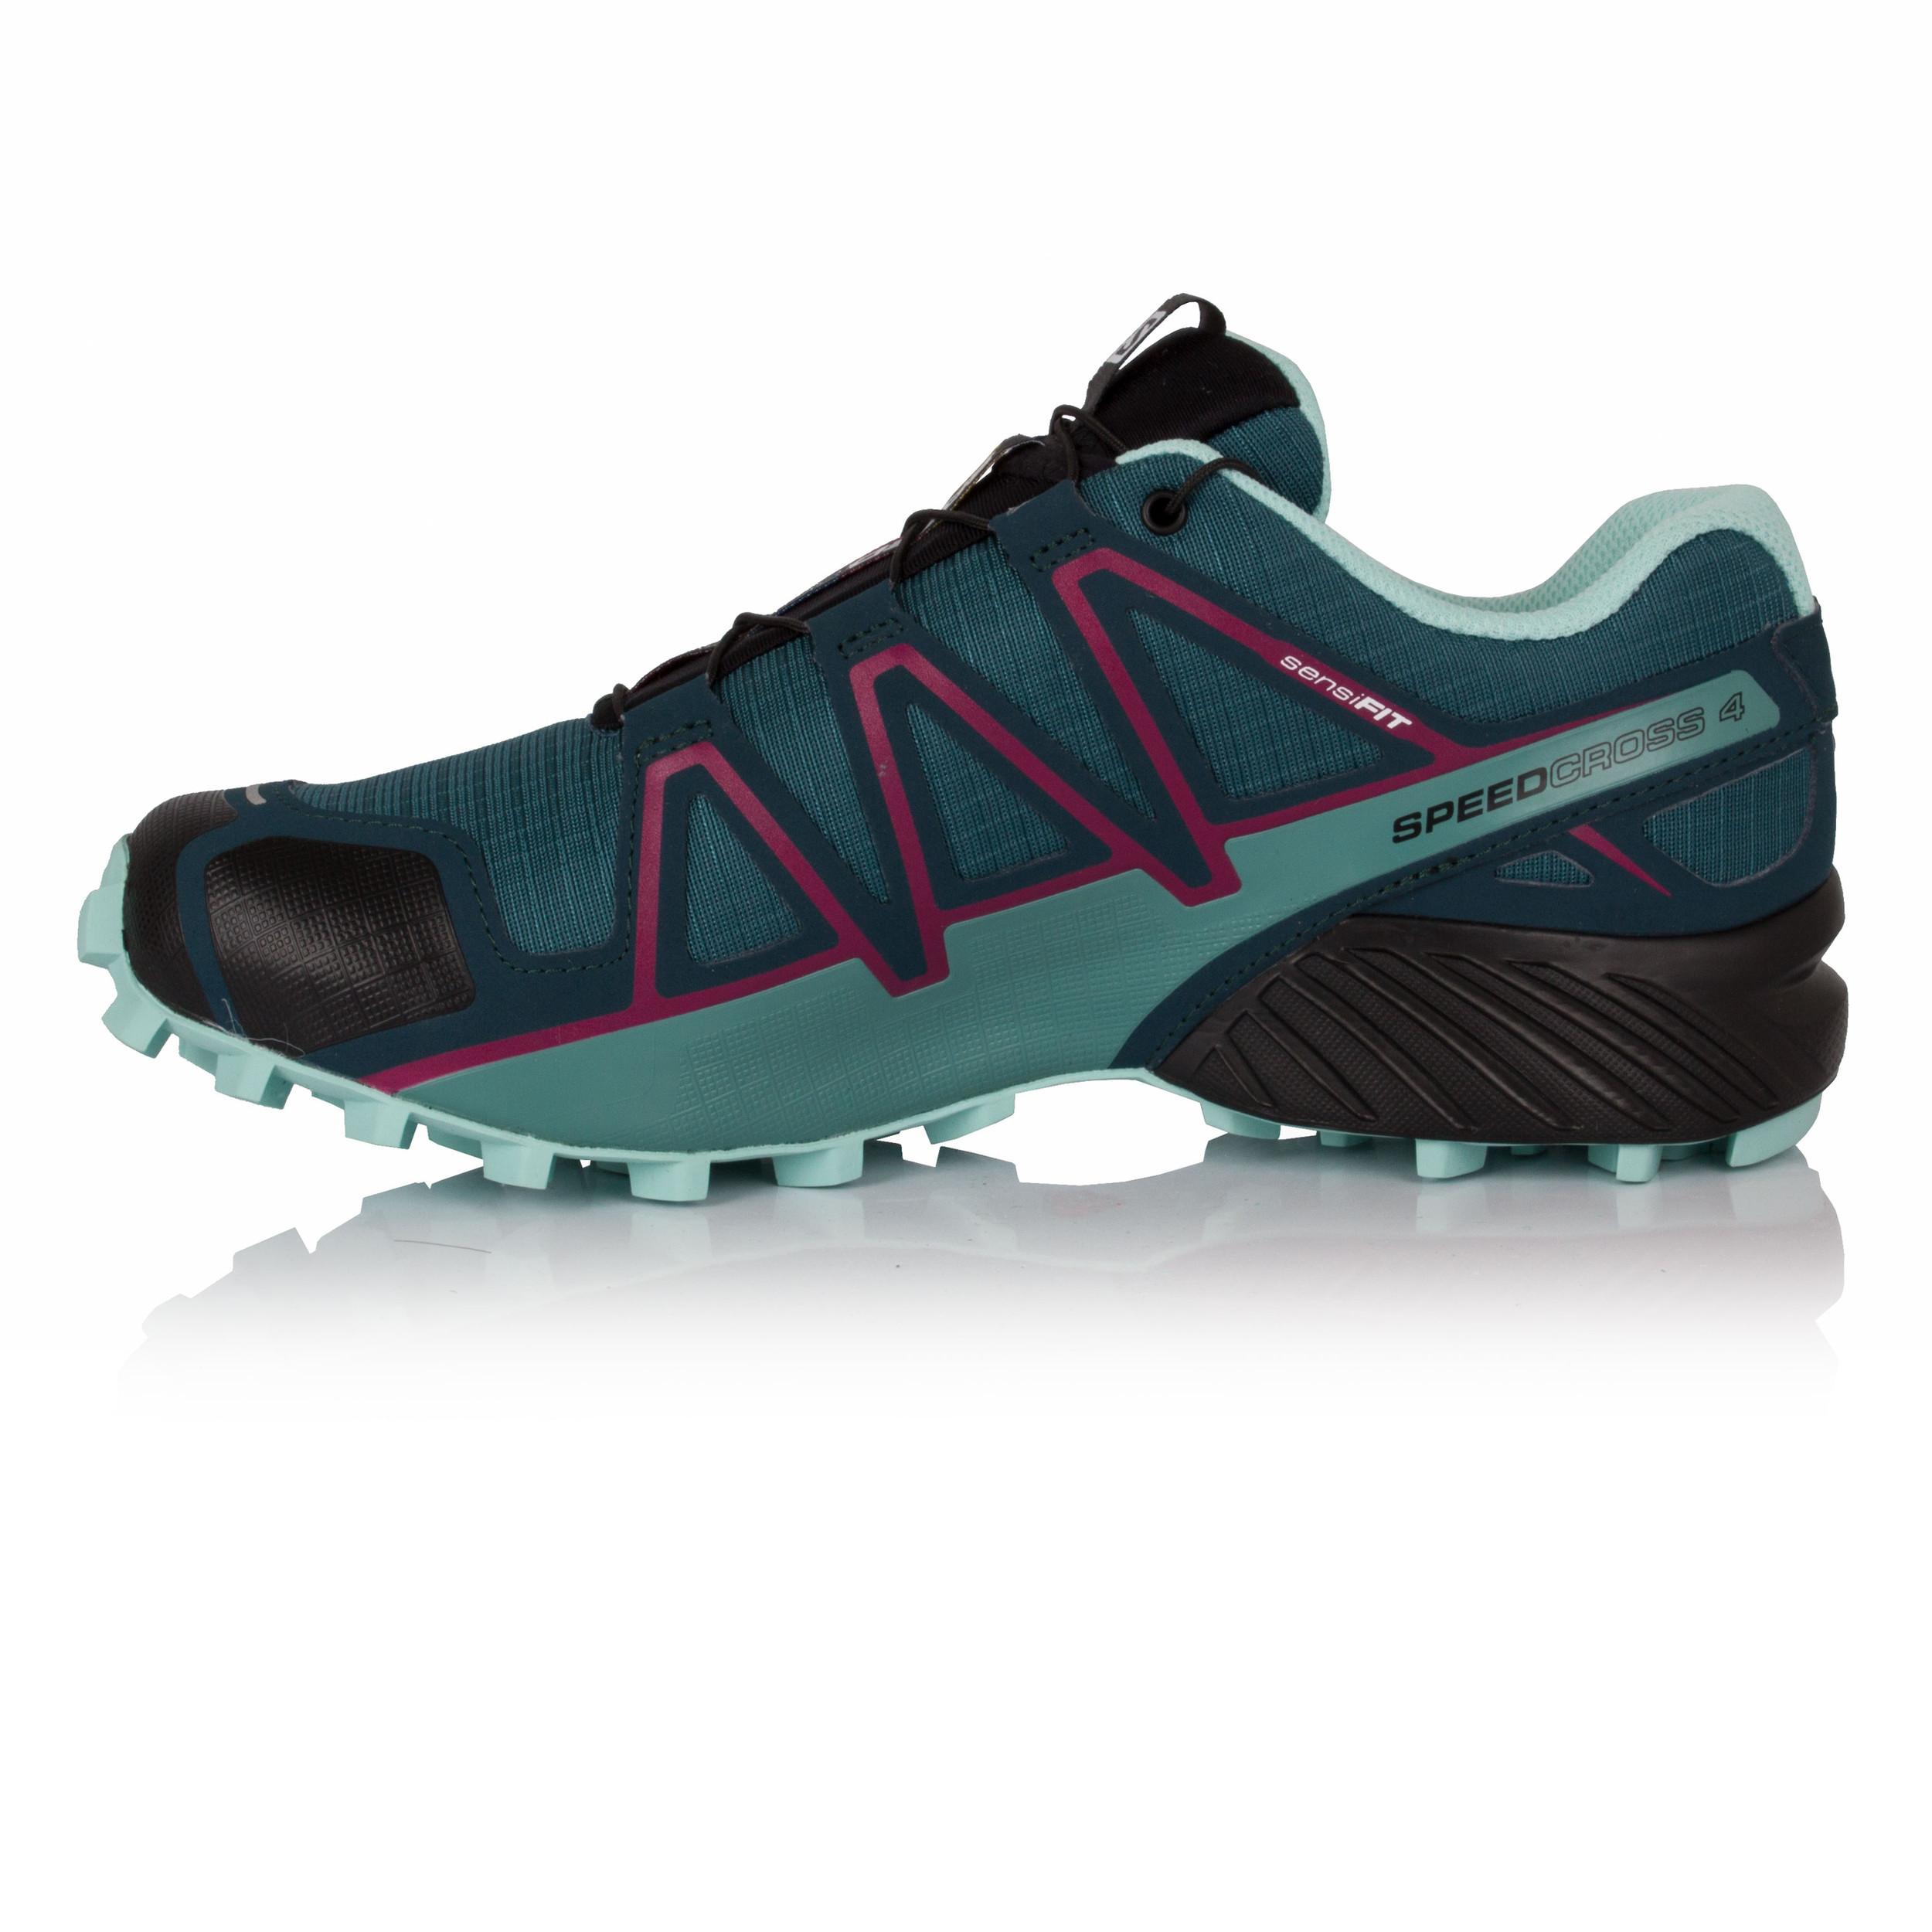 Pink Womens Sports Shoes Speedcross Salomon Running Cs Trail 4 Blue U7Iwqp